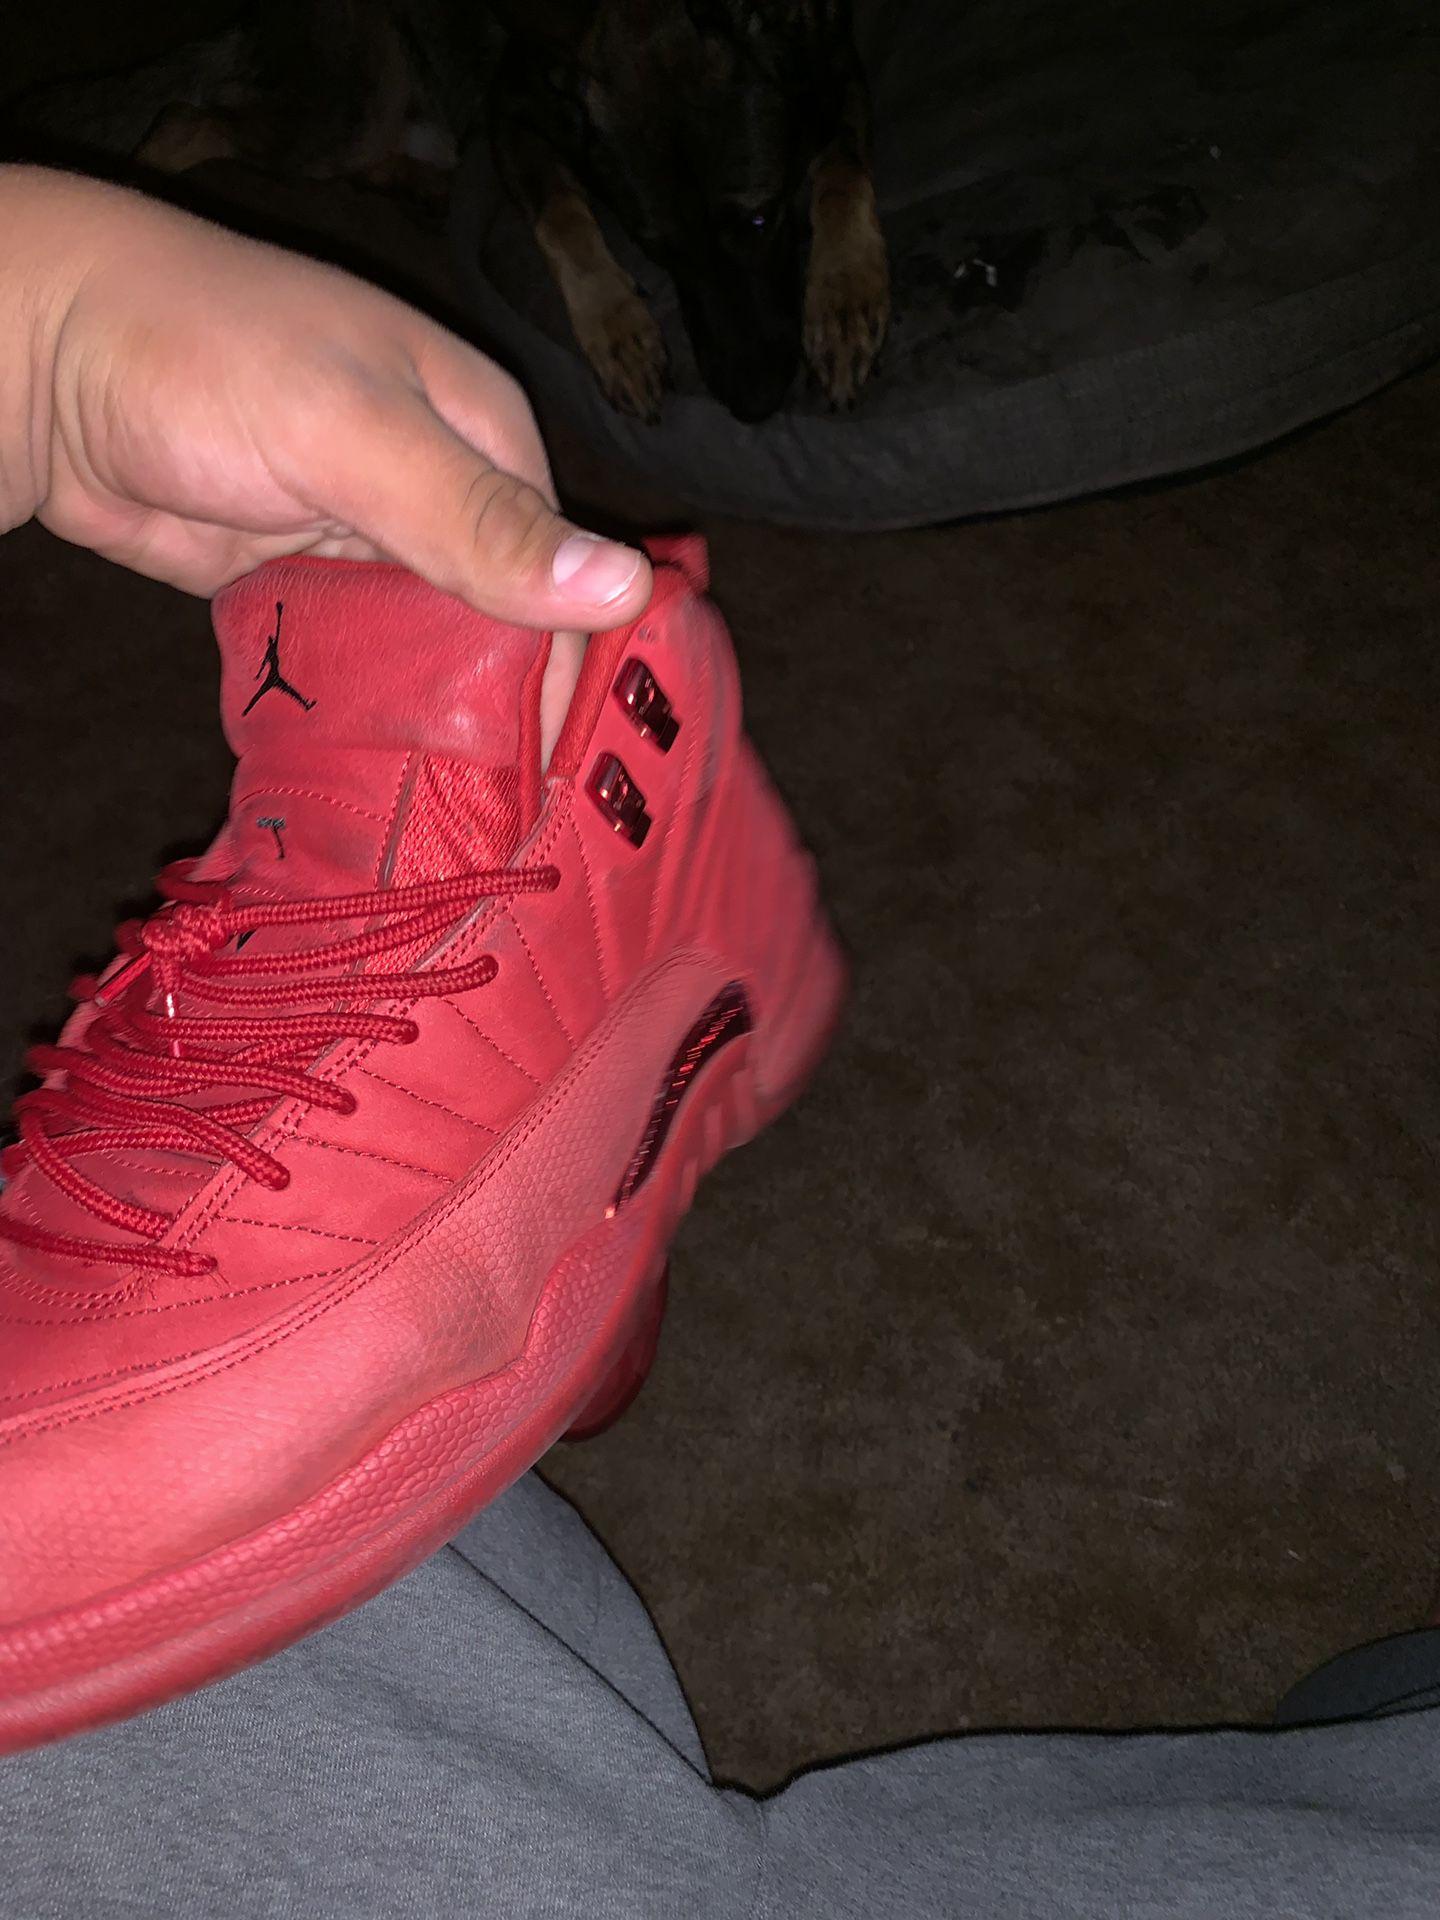 Size 12, Jordan 12s